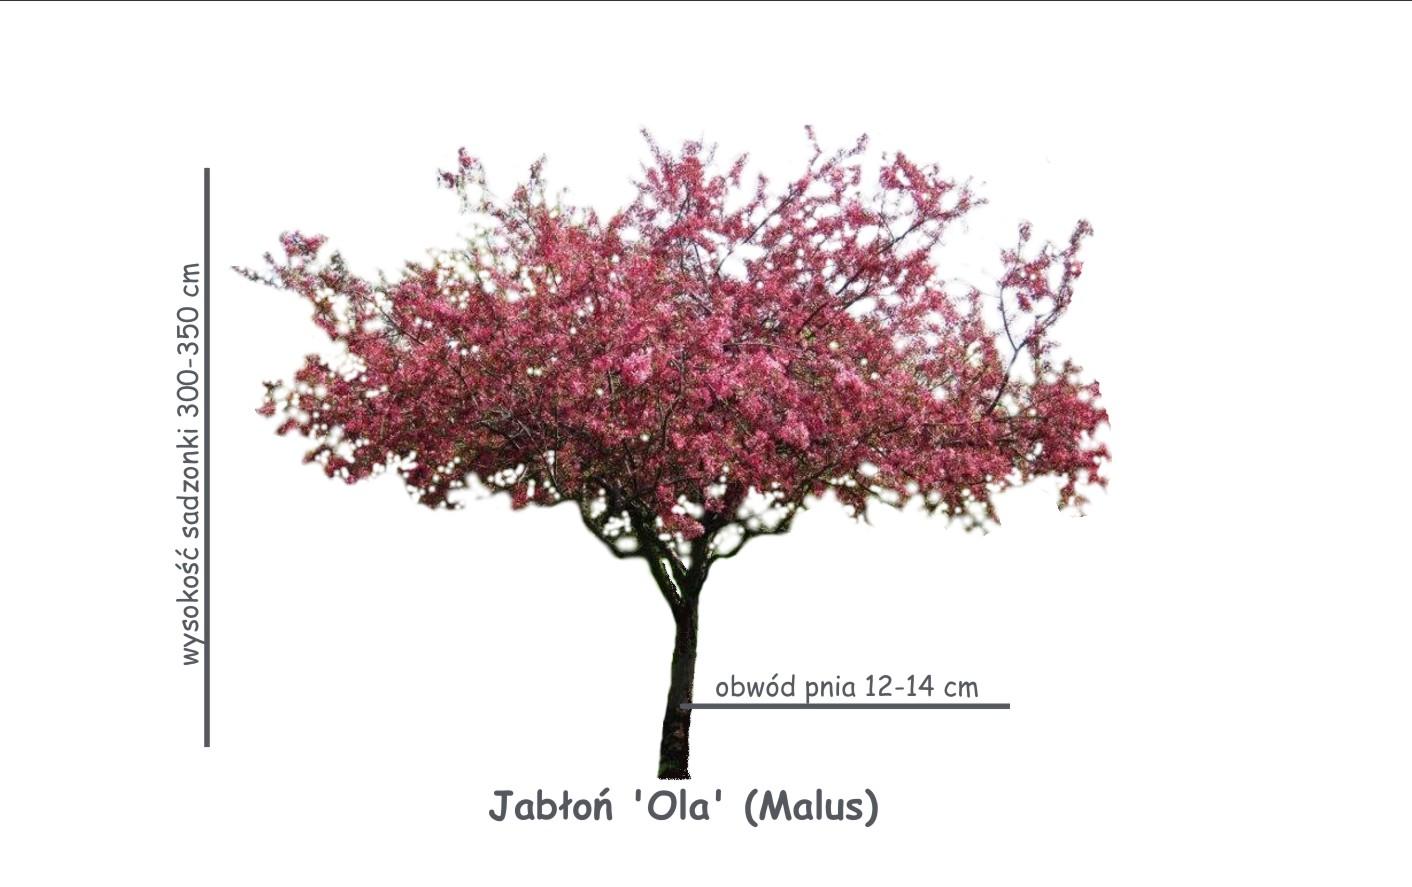 Jabłoń 'Ola' (Malus) sadzonka o obwodzie pnia 12-14 cm, wysokość 300-350 cm.